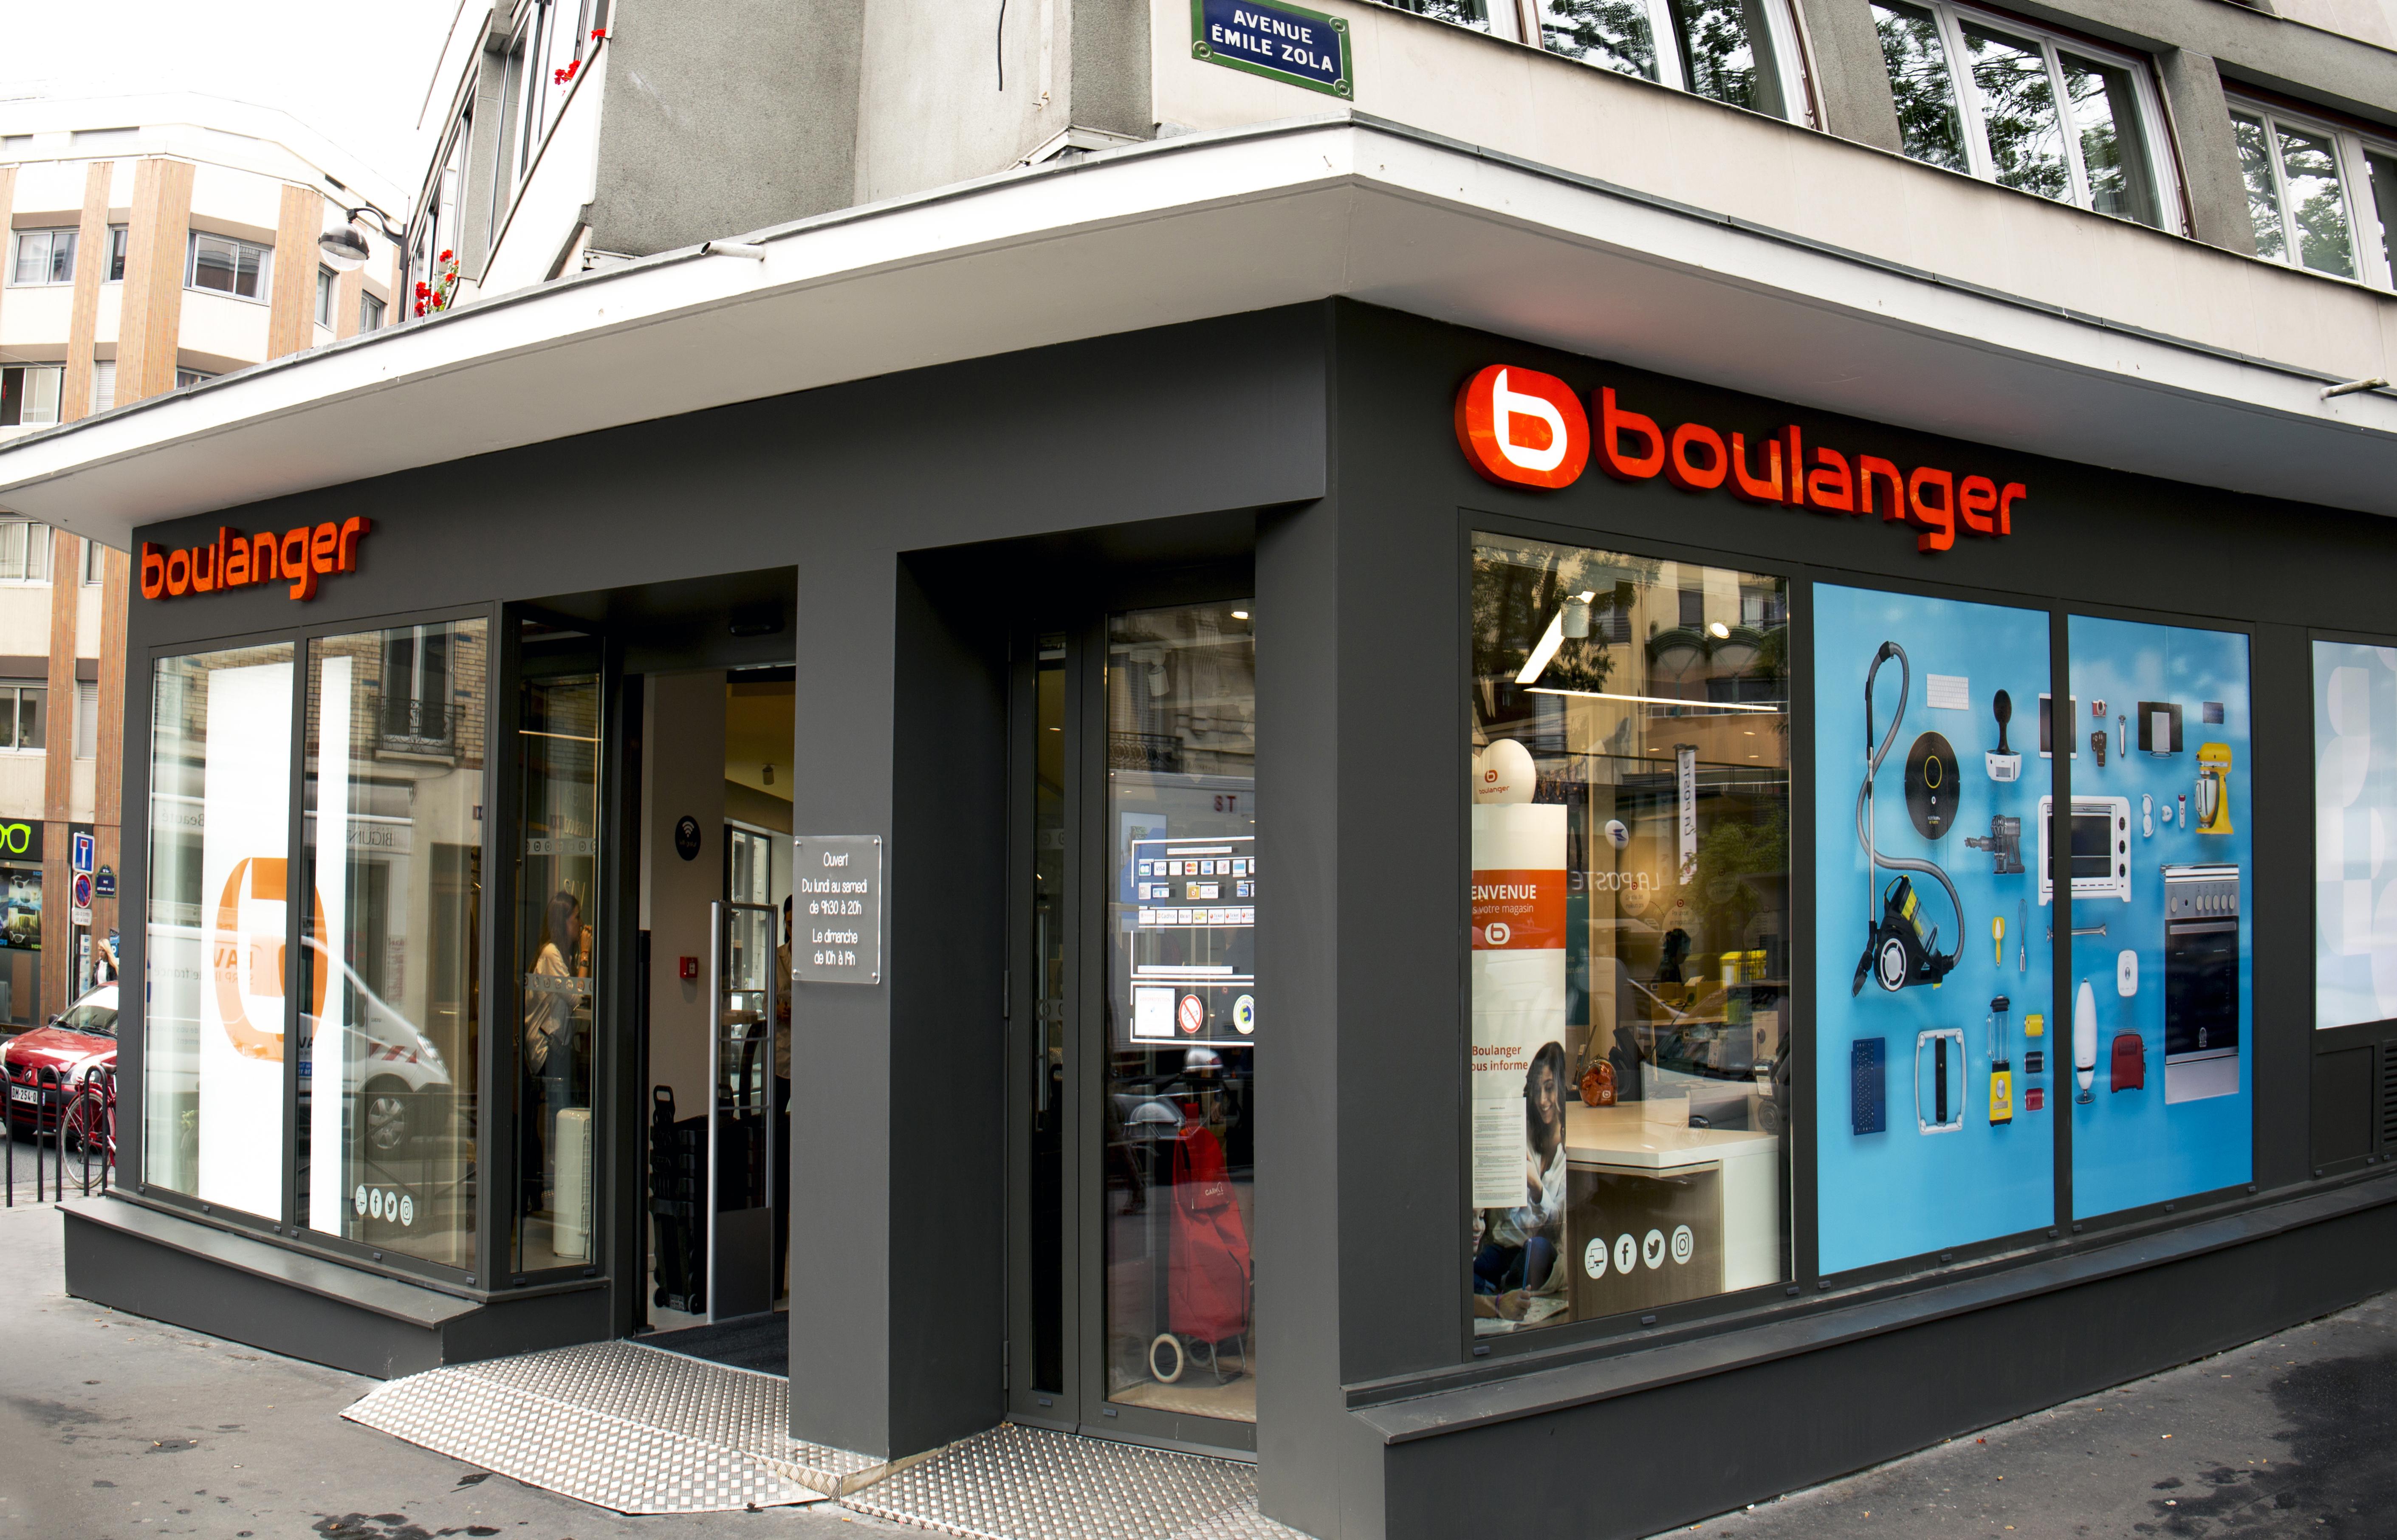 La boutique bien située à l'intersection de deux rues majeures proches de Beaugrenelle